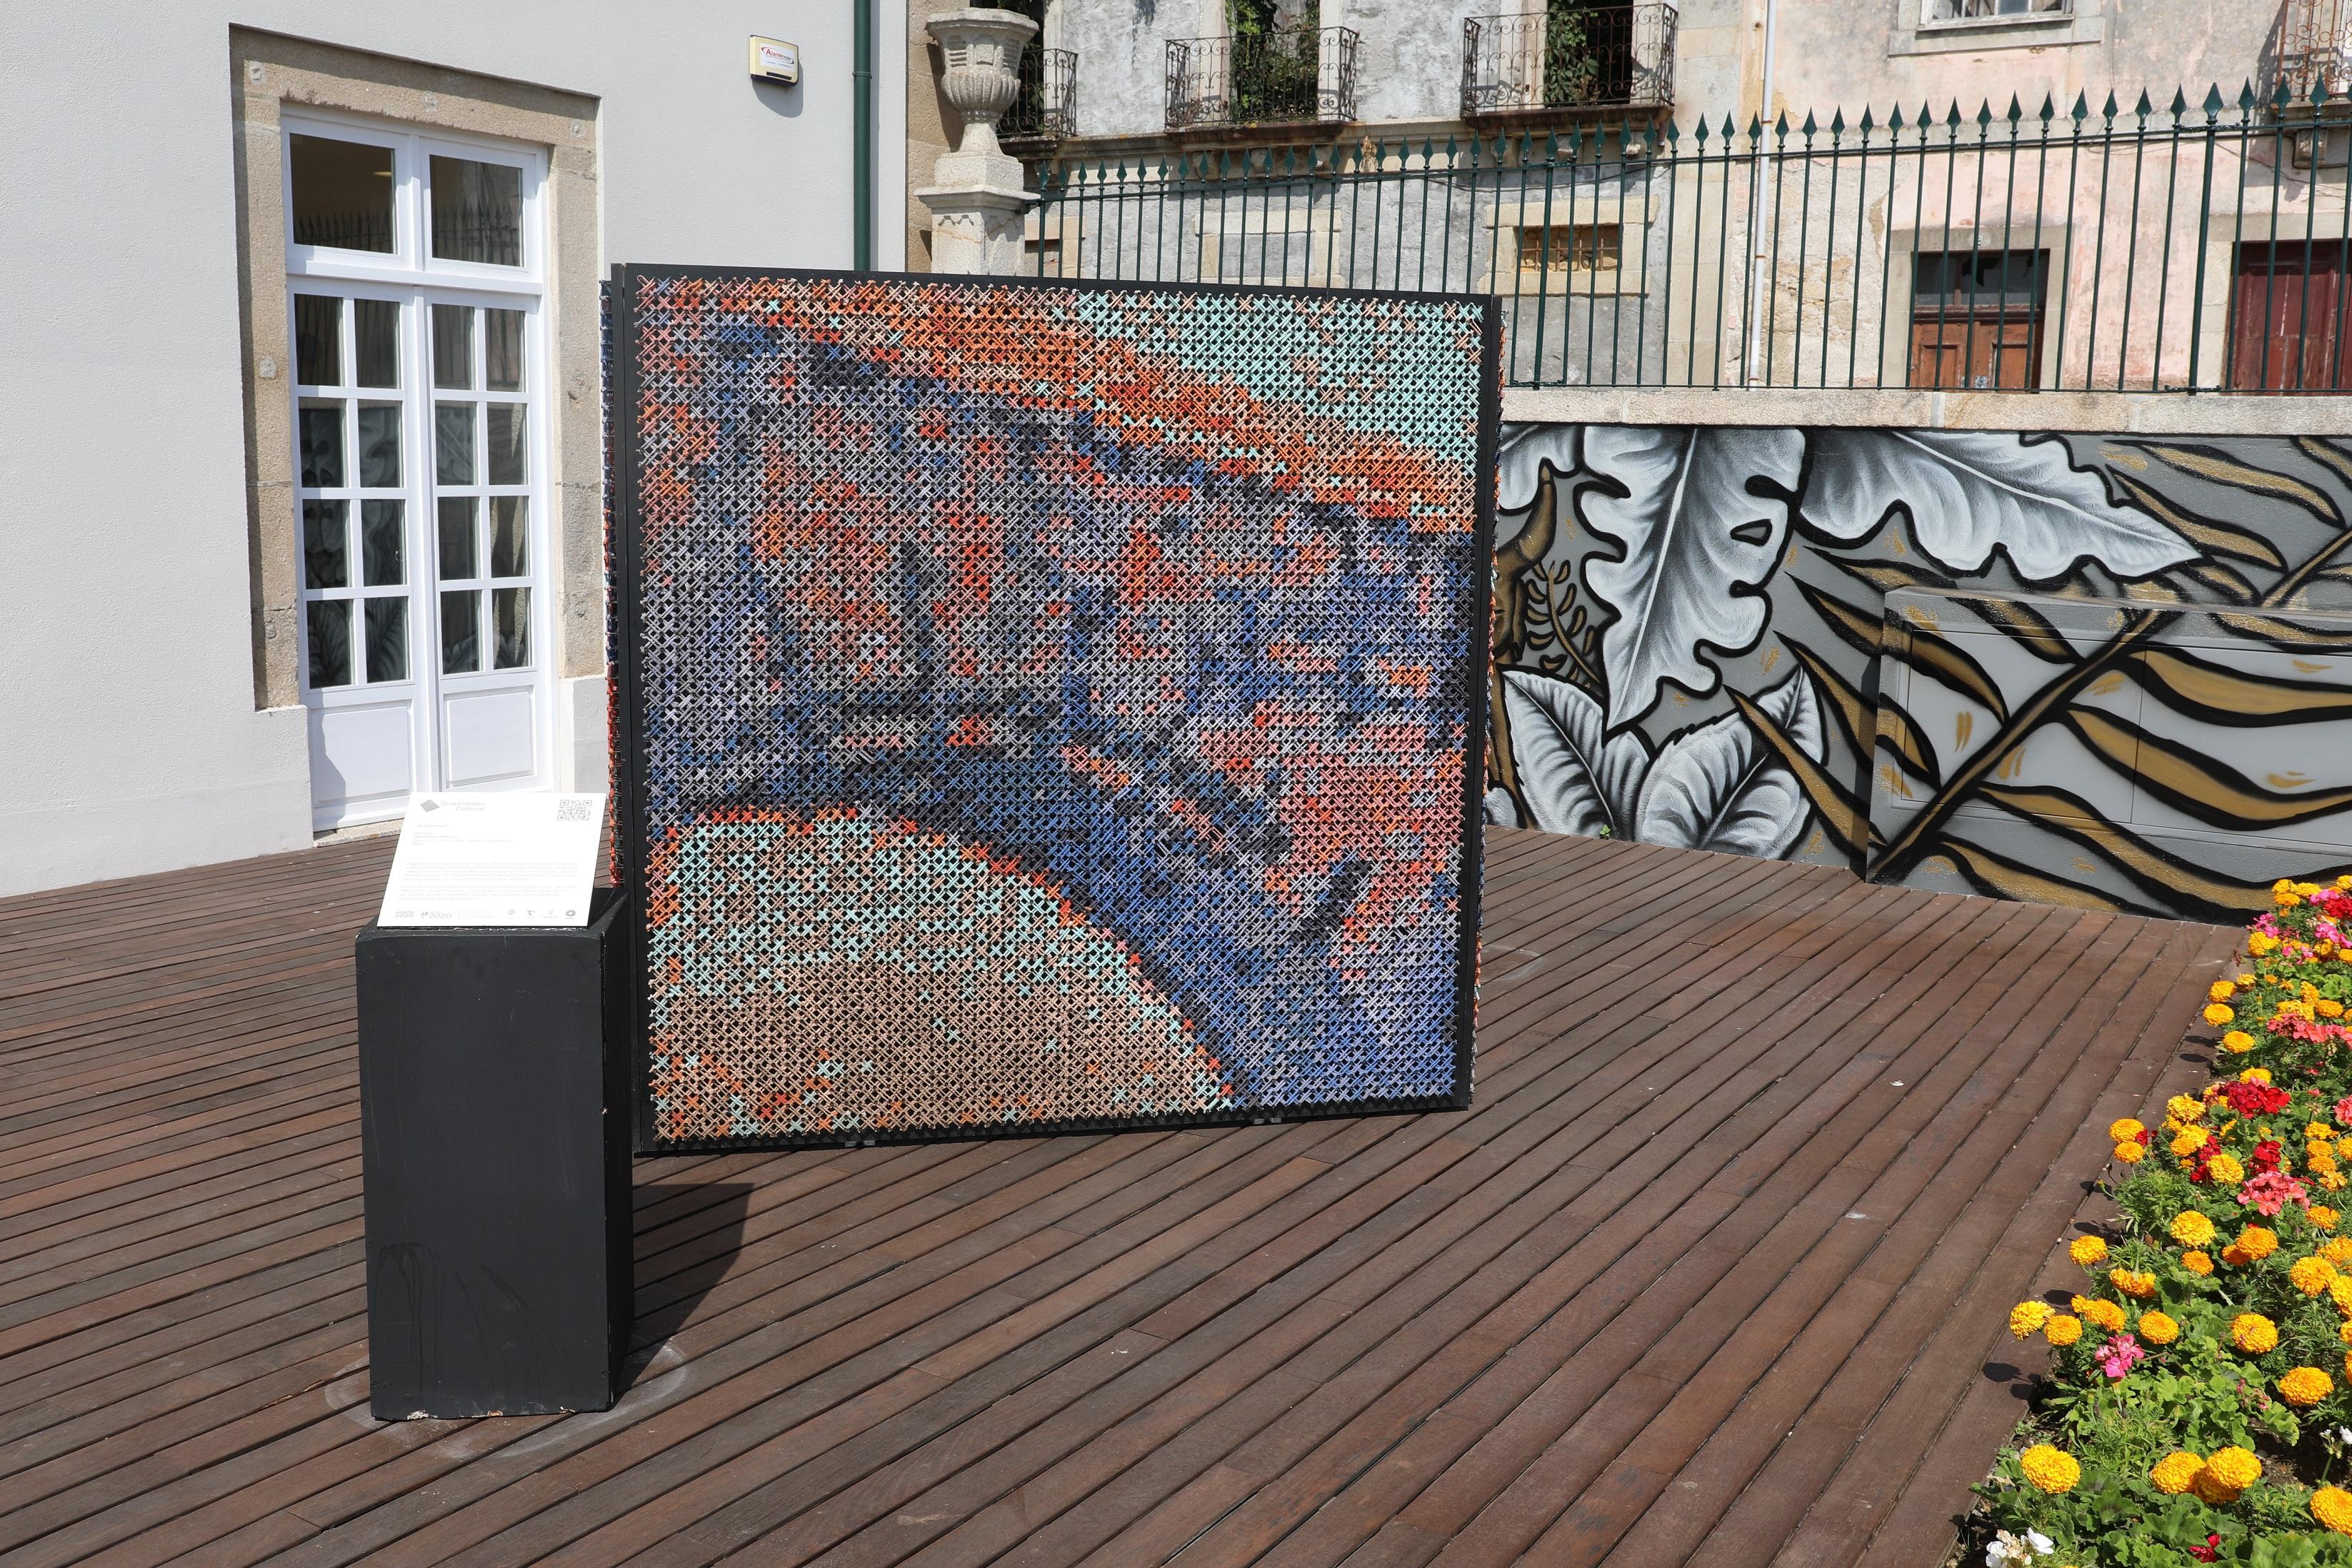 Peça artística do Quadrilátero Cultural em Barcelos